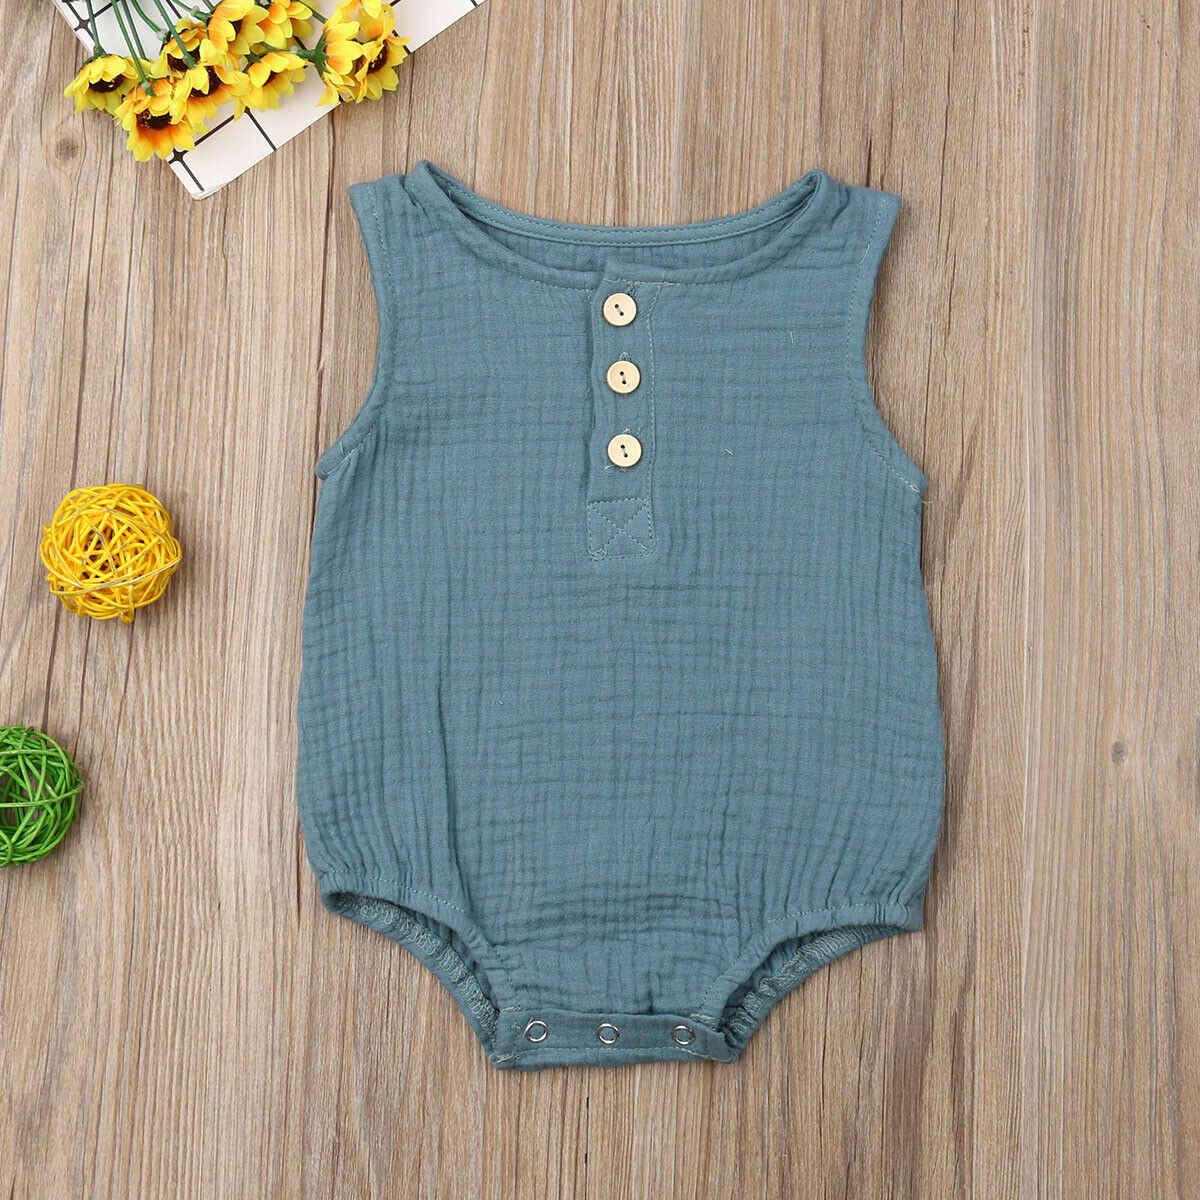 2019 г. летняя одежда для малышей новинка, боди без рукавов из 100% хлопка для маленьких девочек Цельный Сарафан без рукавов, одежда для детей от 0 до 24 месяцев